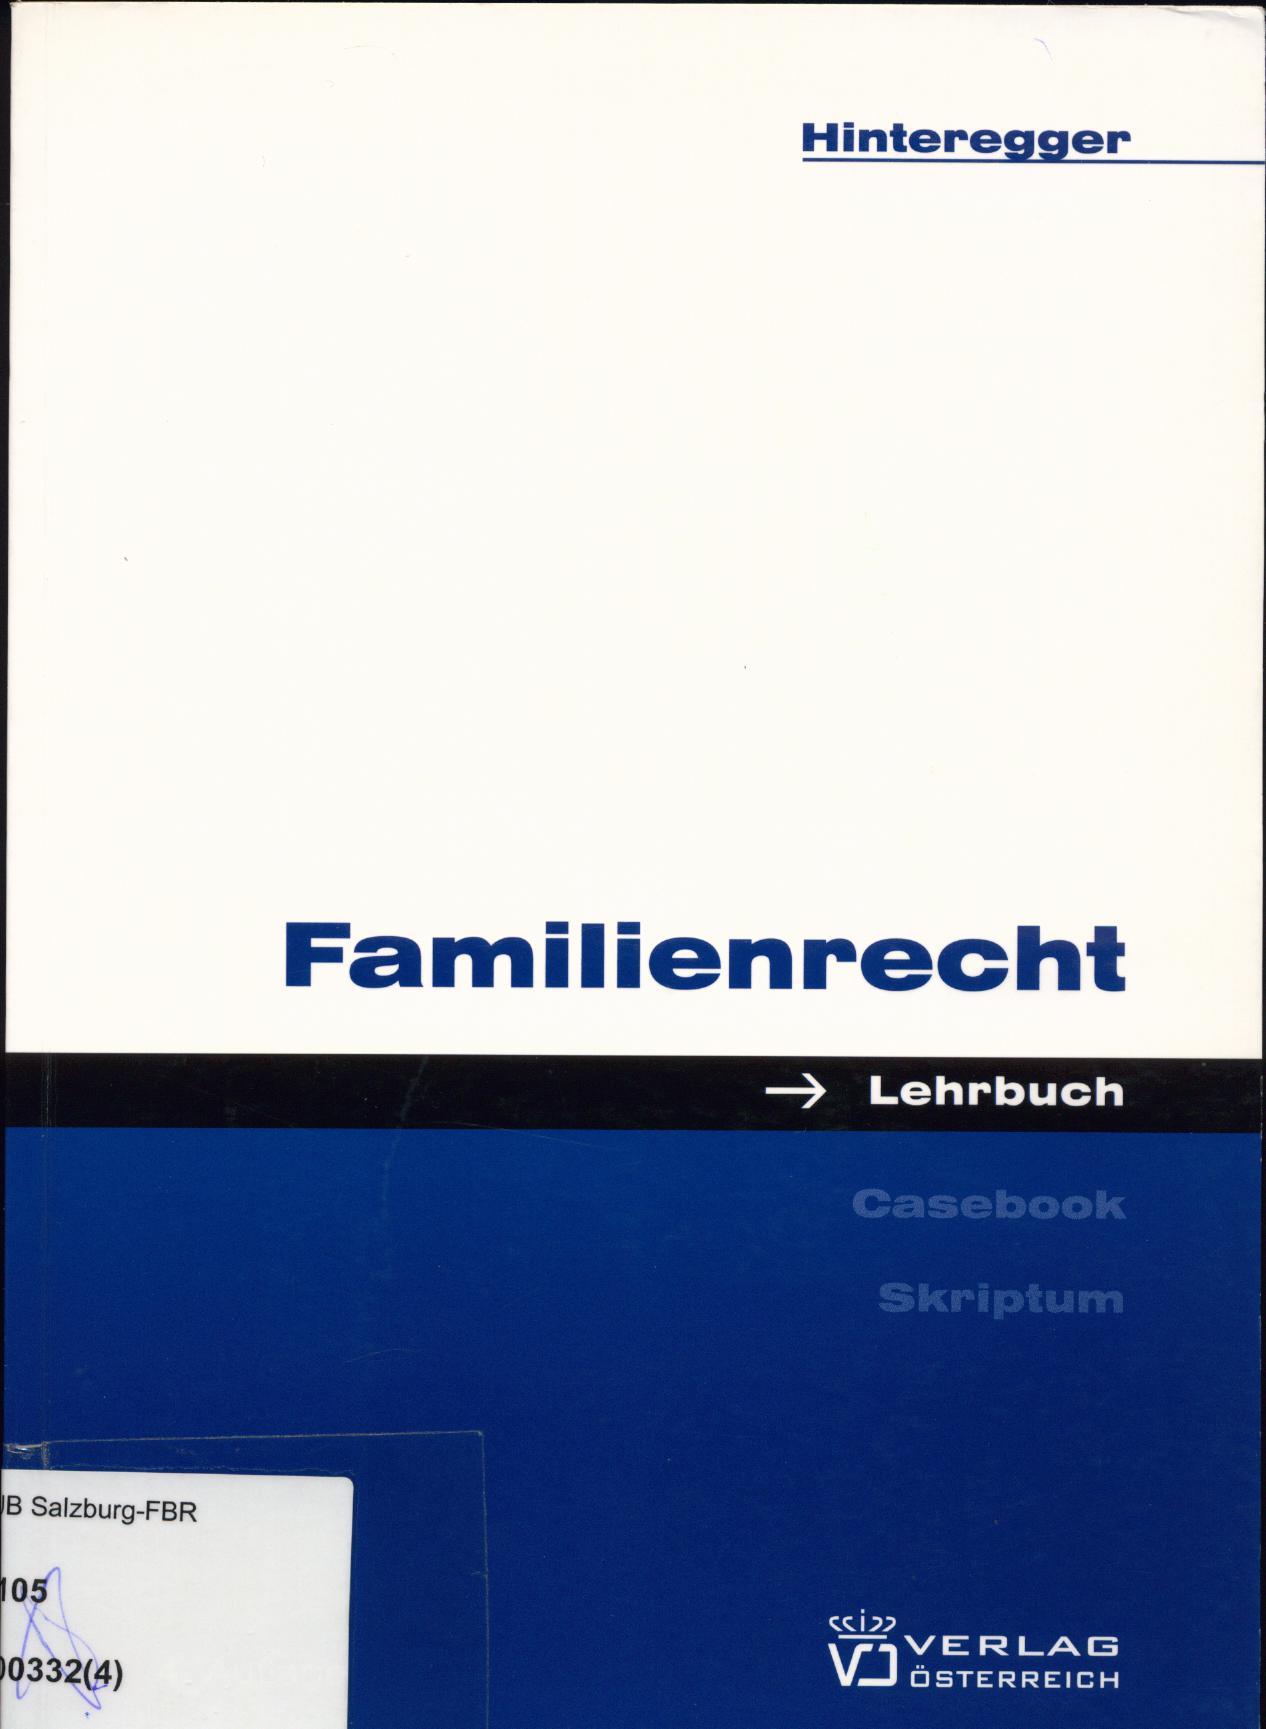 Familienrecht  4., überarbeitete und erweiterte Auflage. - Hinteregger, Monika